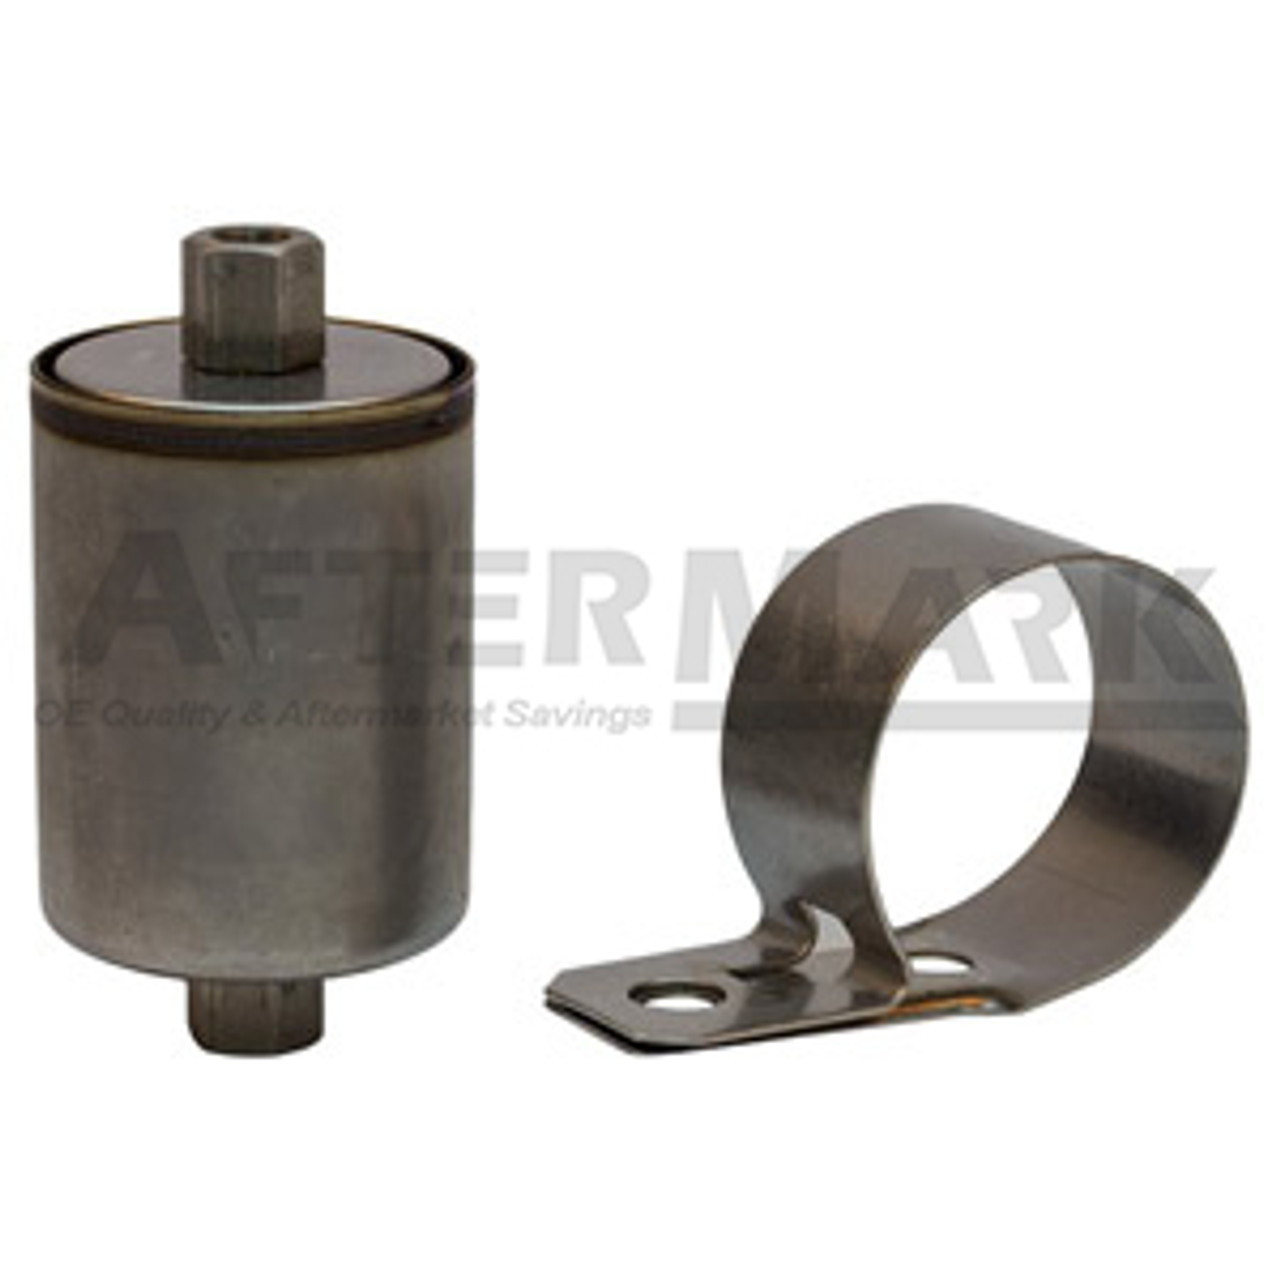 medium resolution of king fuel filter